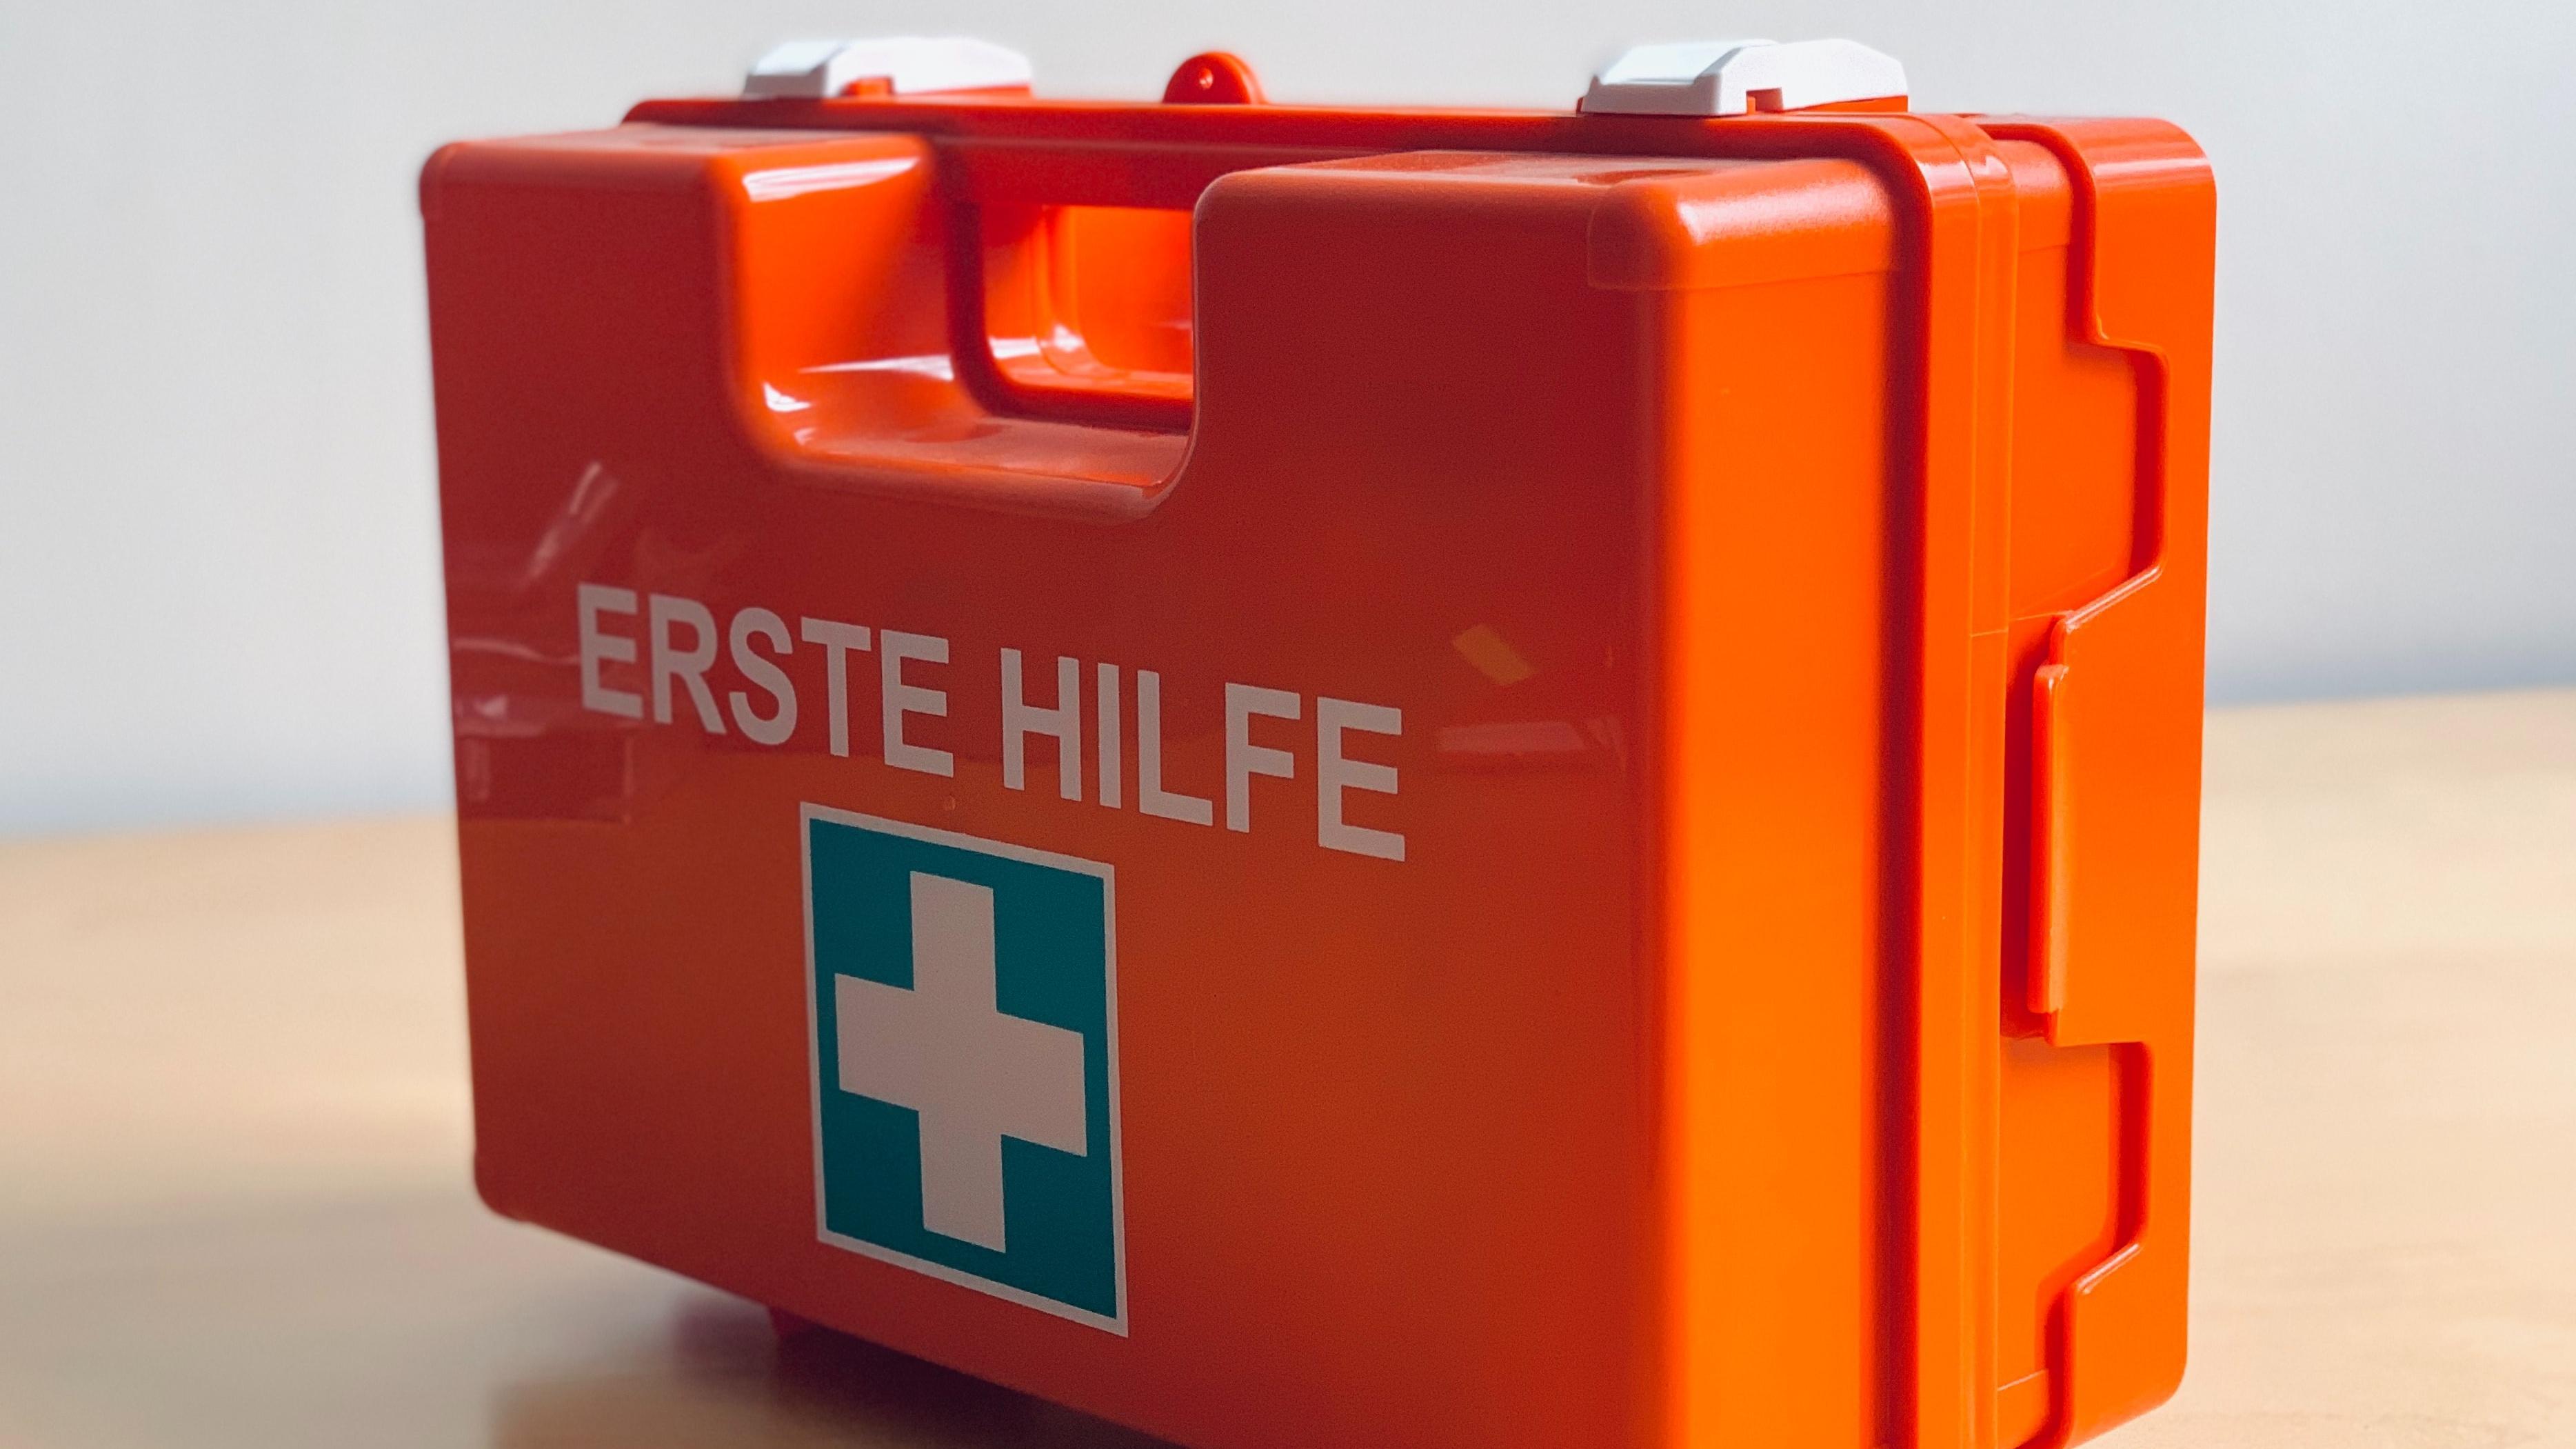 Zur Sicherheit am Arbeitsplatz gehört unter anderem, die Erste Hilfe zu gewährleisten.